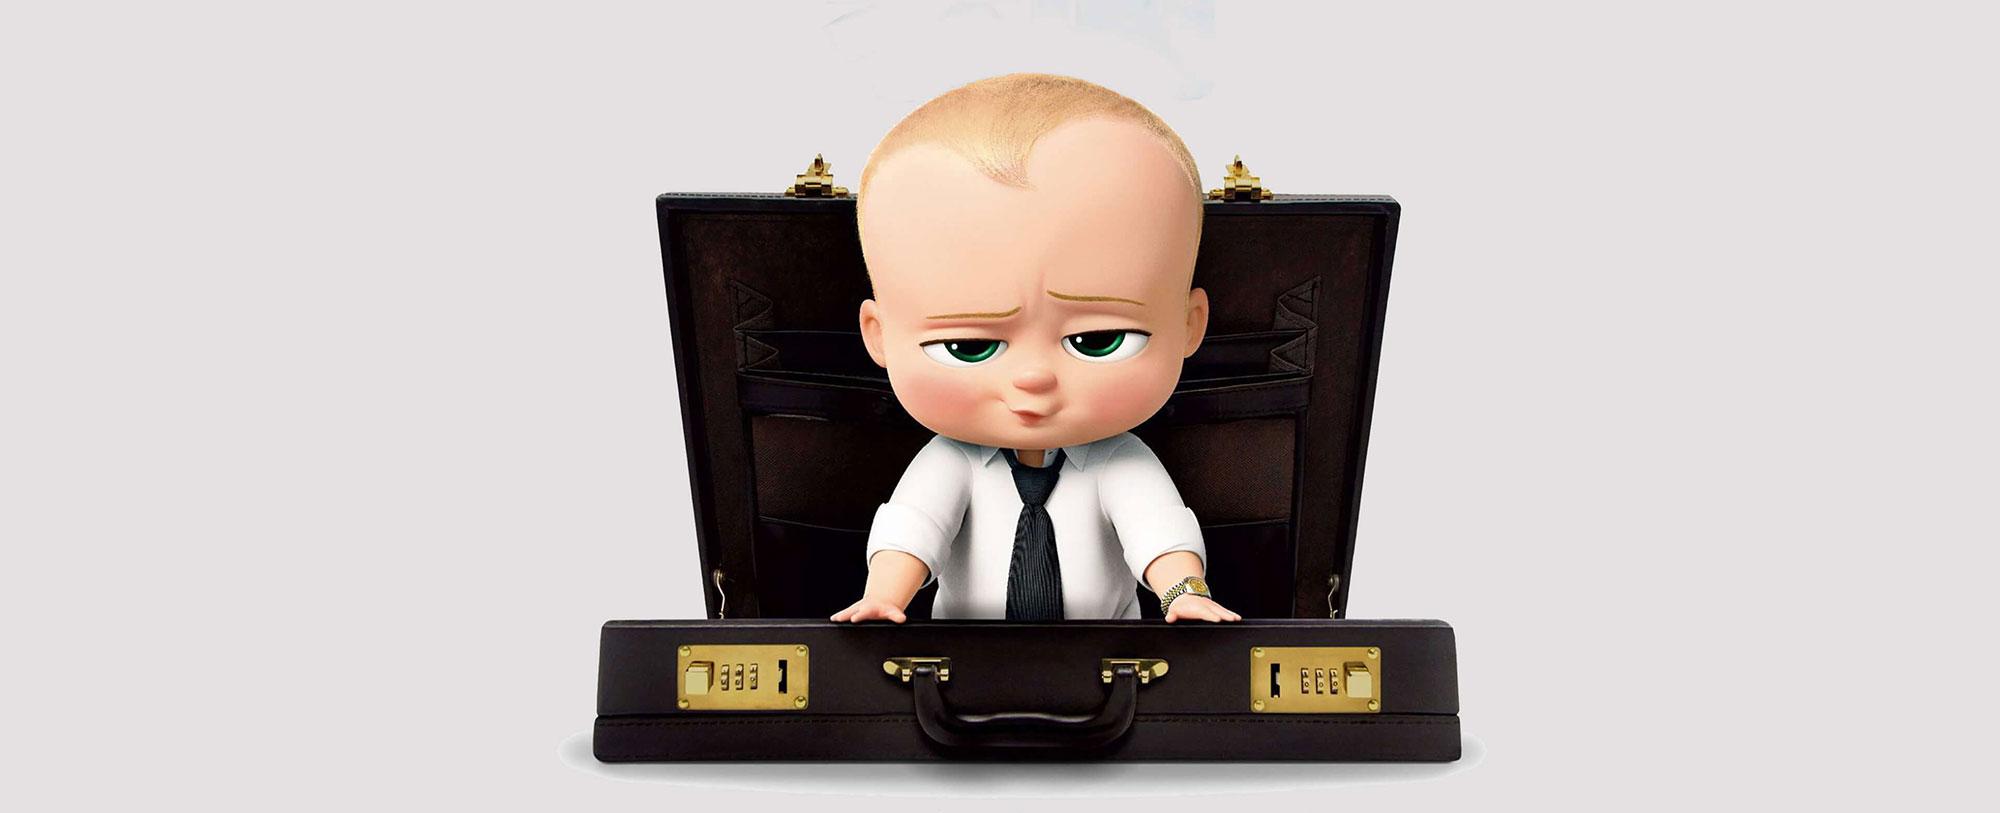 El jefe se lleva su secretaria a cojer a hotel video completo sweetpoornsitecaseros - 2 4